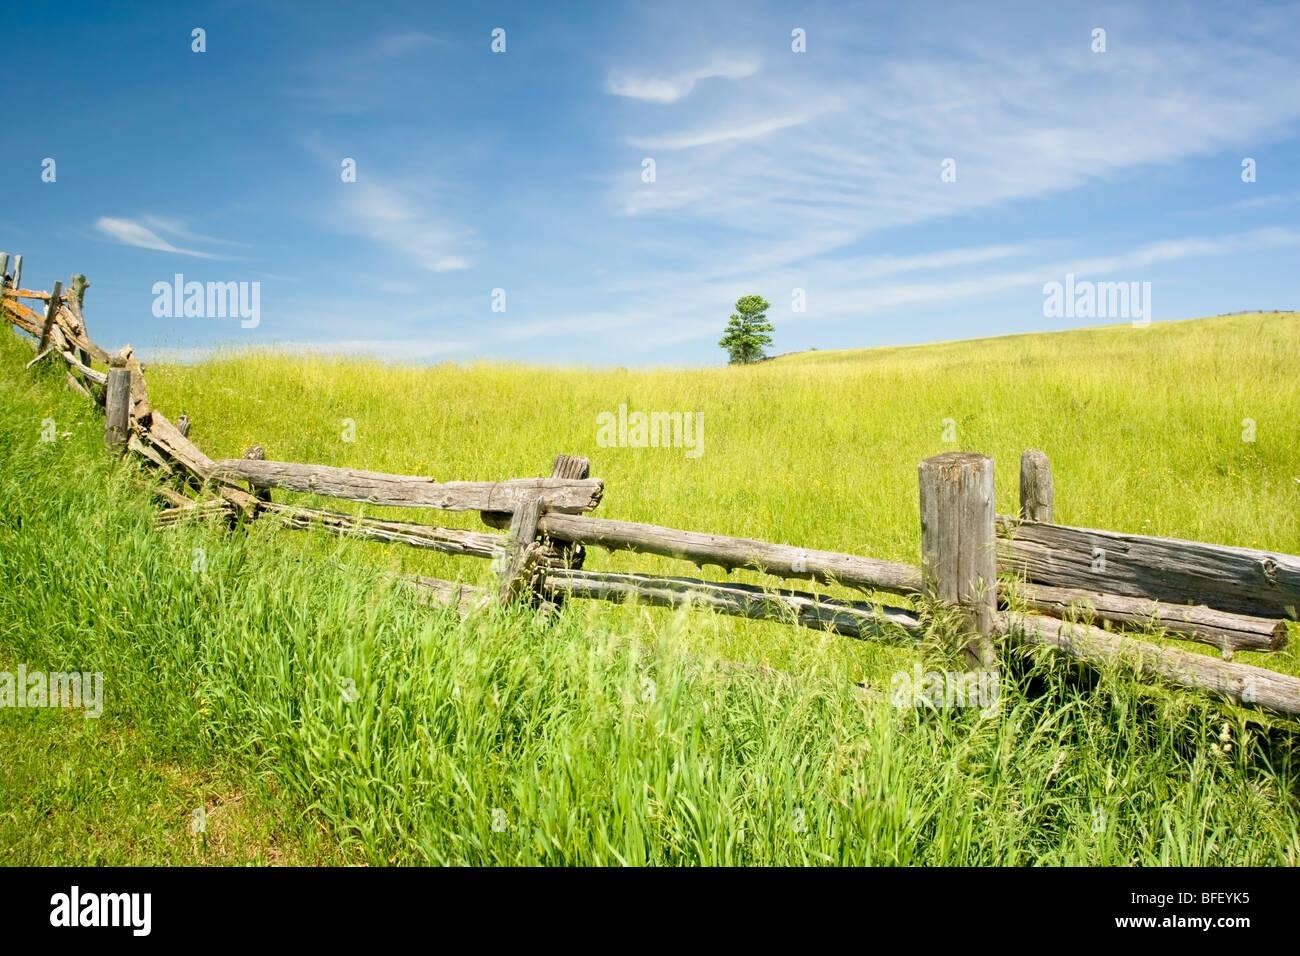 Ferrocarril valla, Niagara Escarpment cerca de Terra Noiva, Ontario, Canadá Foto de stock